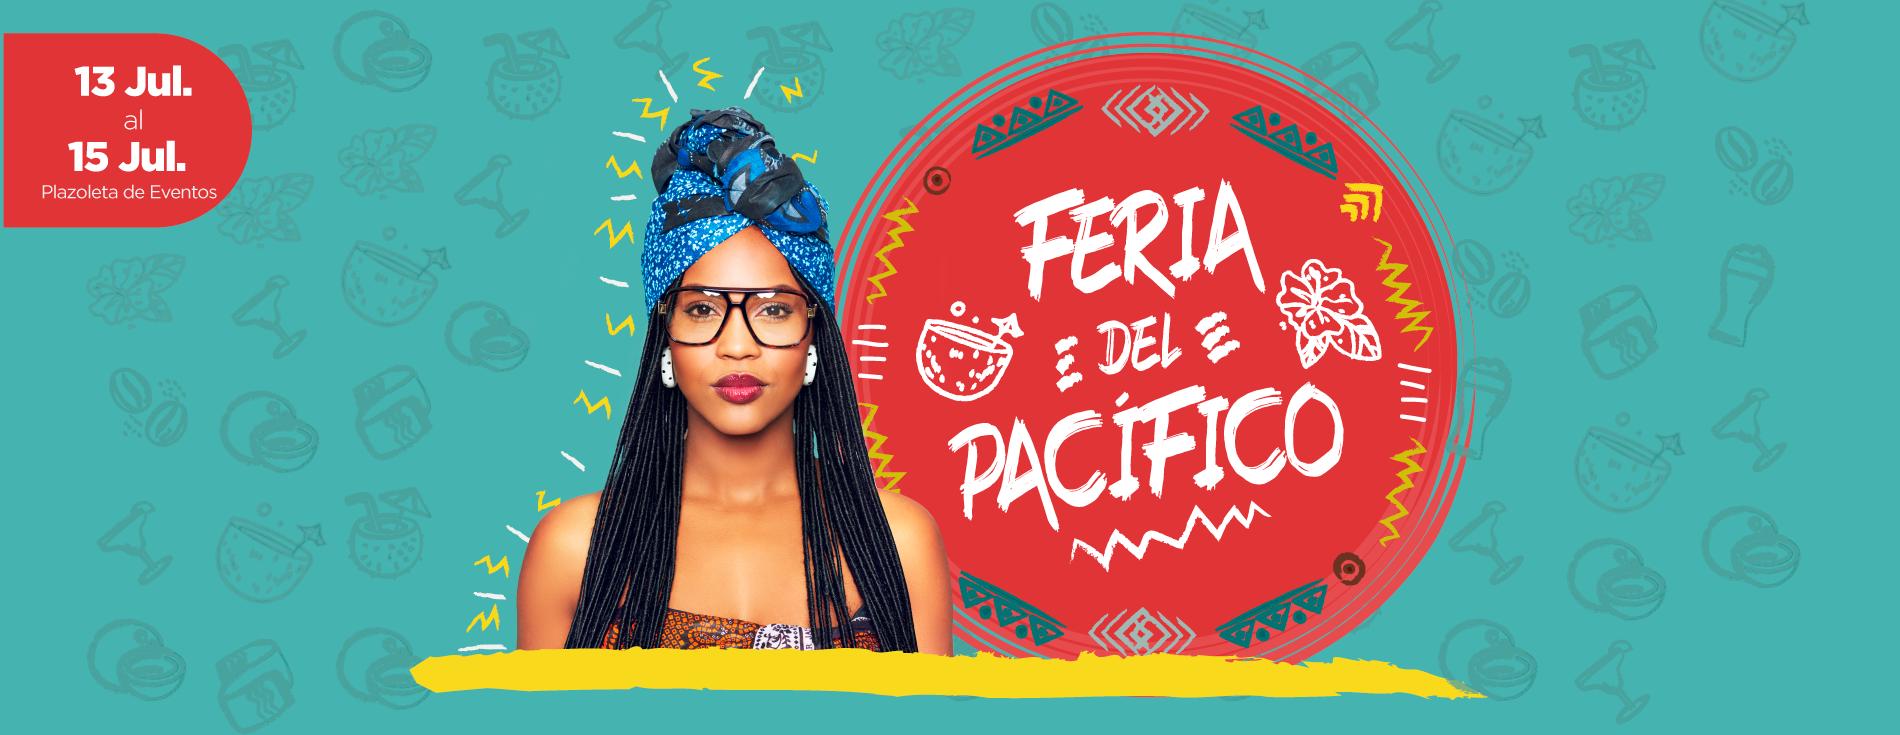 Feria del pacifico - Buenaventura